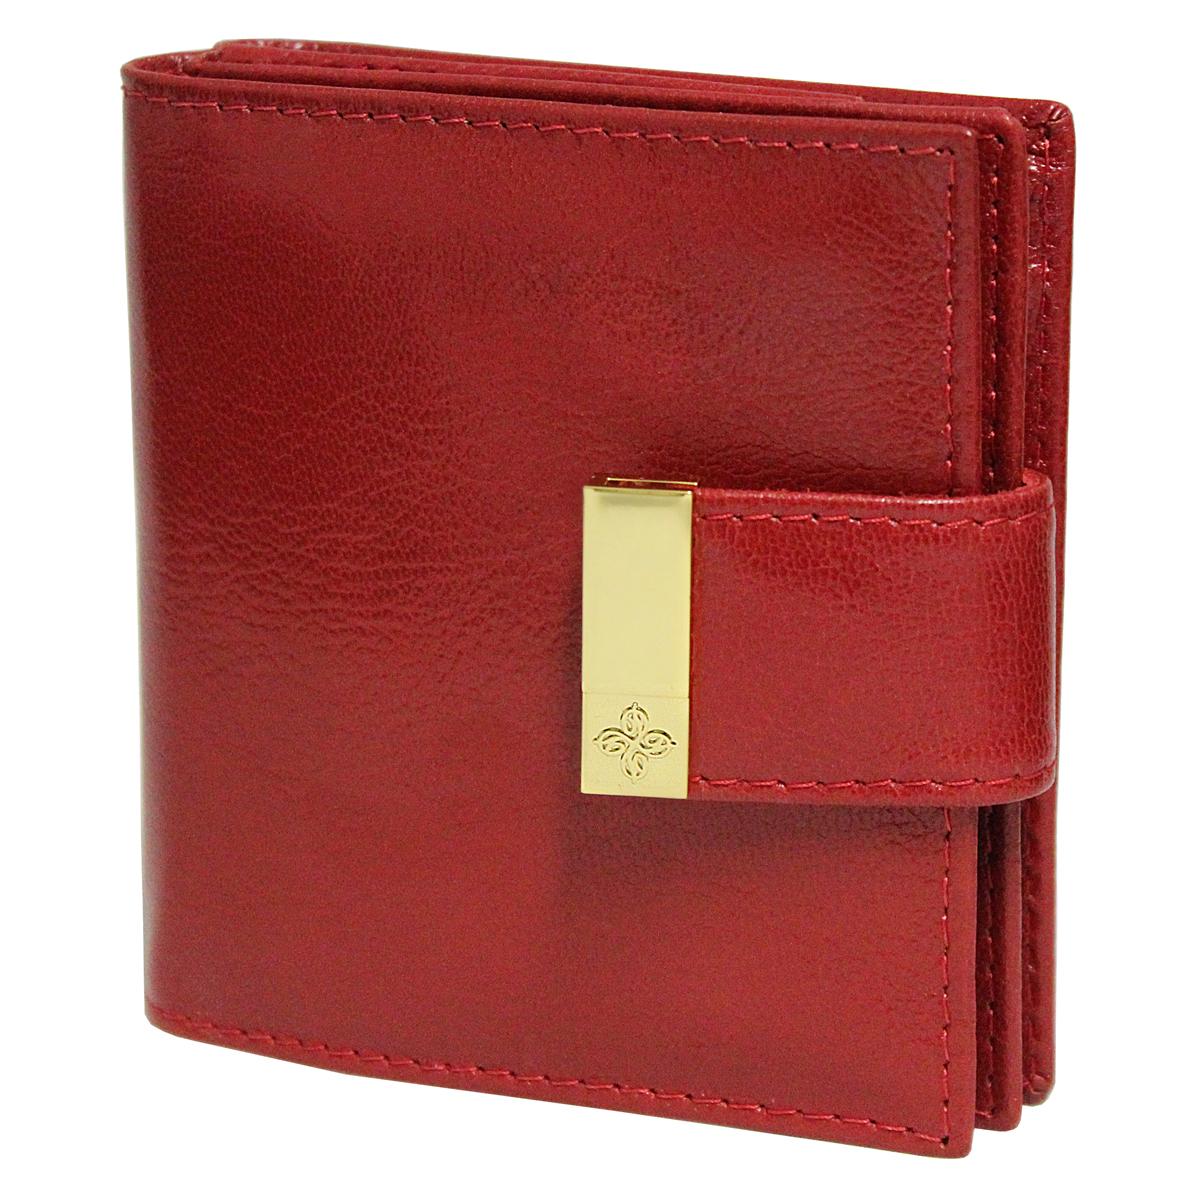 Кошелек женский Dimanche Elite, цвет: красный. 242242Женский компактный кошелек Elite выполнен из натуральной высококачественной кожи с декоративным тиснением. Кошелек состоит из двух отделений. Первое отделение закрывается на магнитную кнопку, имеет четыре кармашка для кредиток и карман для монет с клапаном на кнопке. Второе отделение также закрывается на магнитную кнопку и содержит два кармана для купюр. Между отделениями также предусмотрен кармашек. Кошелек упакован в фирменную картонную коробку.